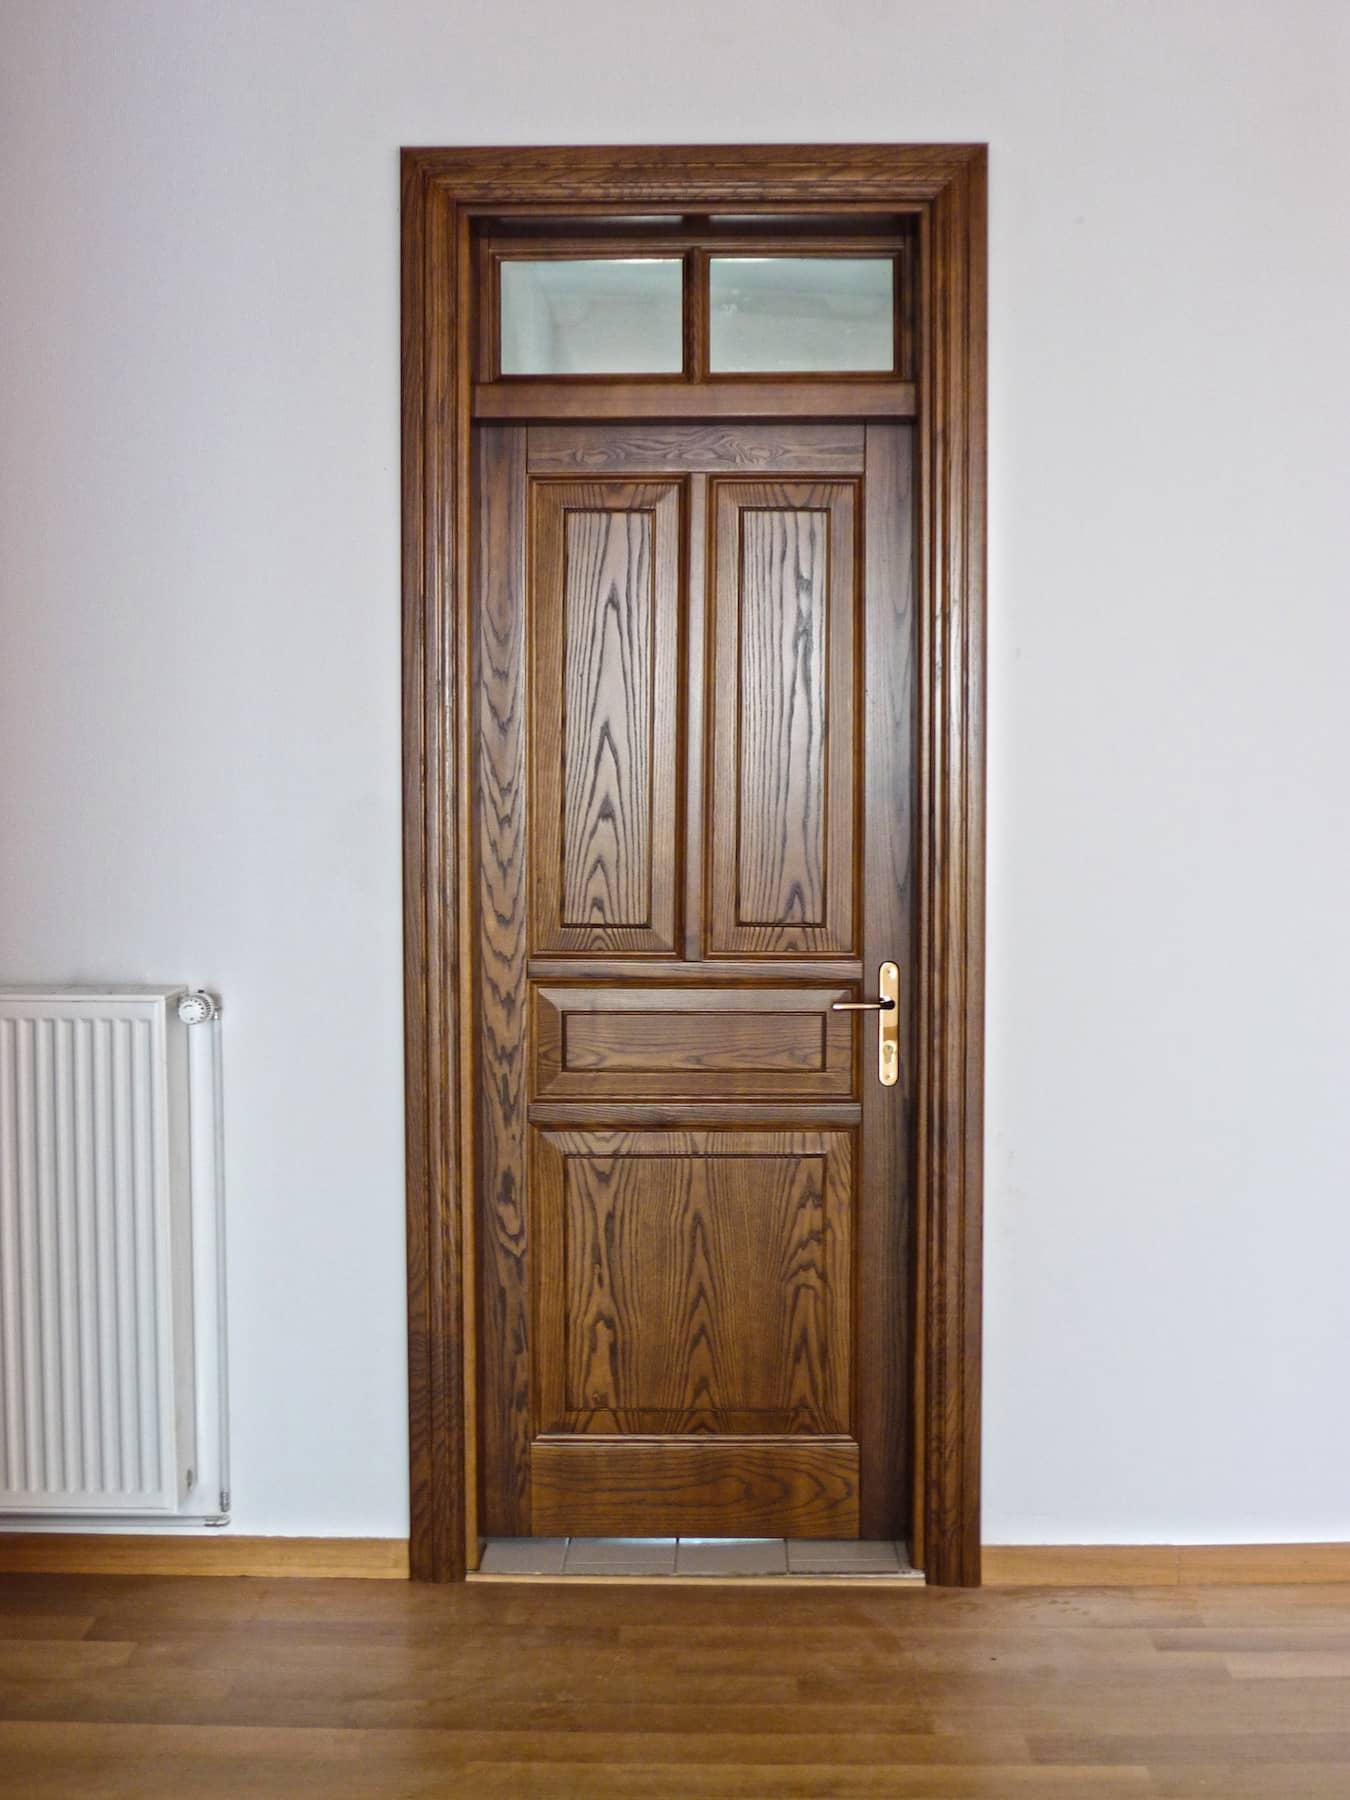 ξύλινη εσωτερική πόρτα με φεγγίτη εξαερισμού 2